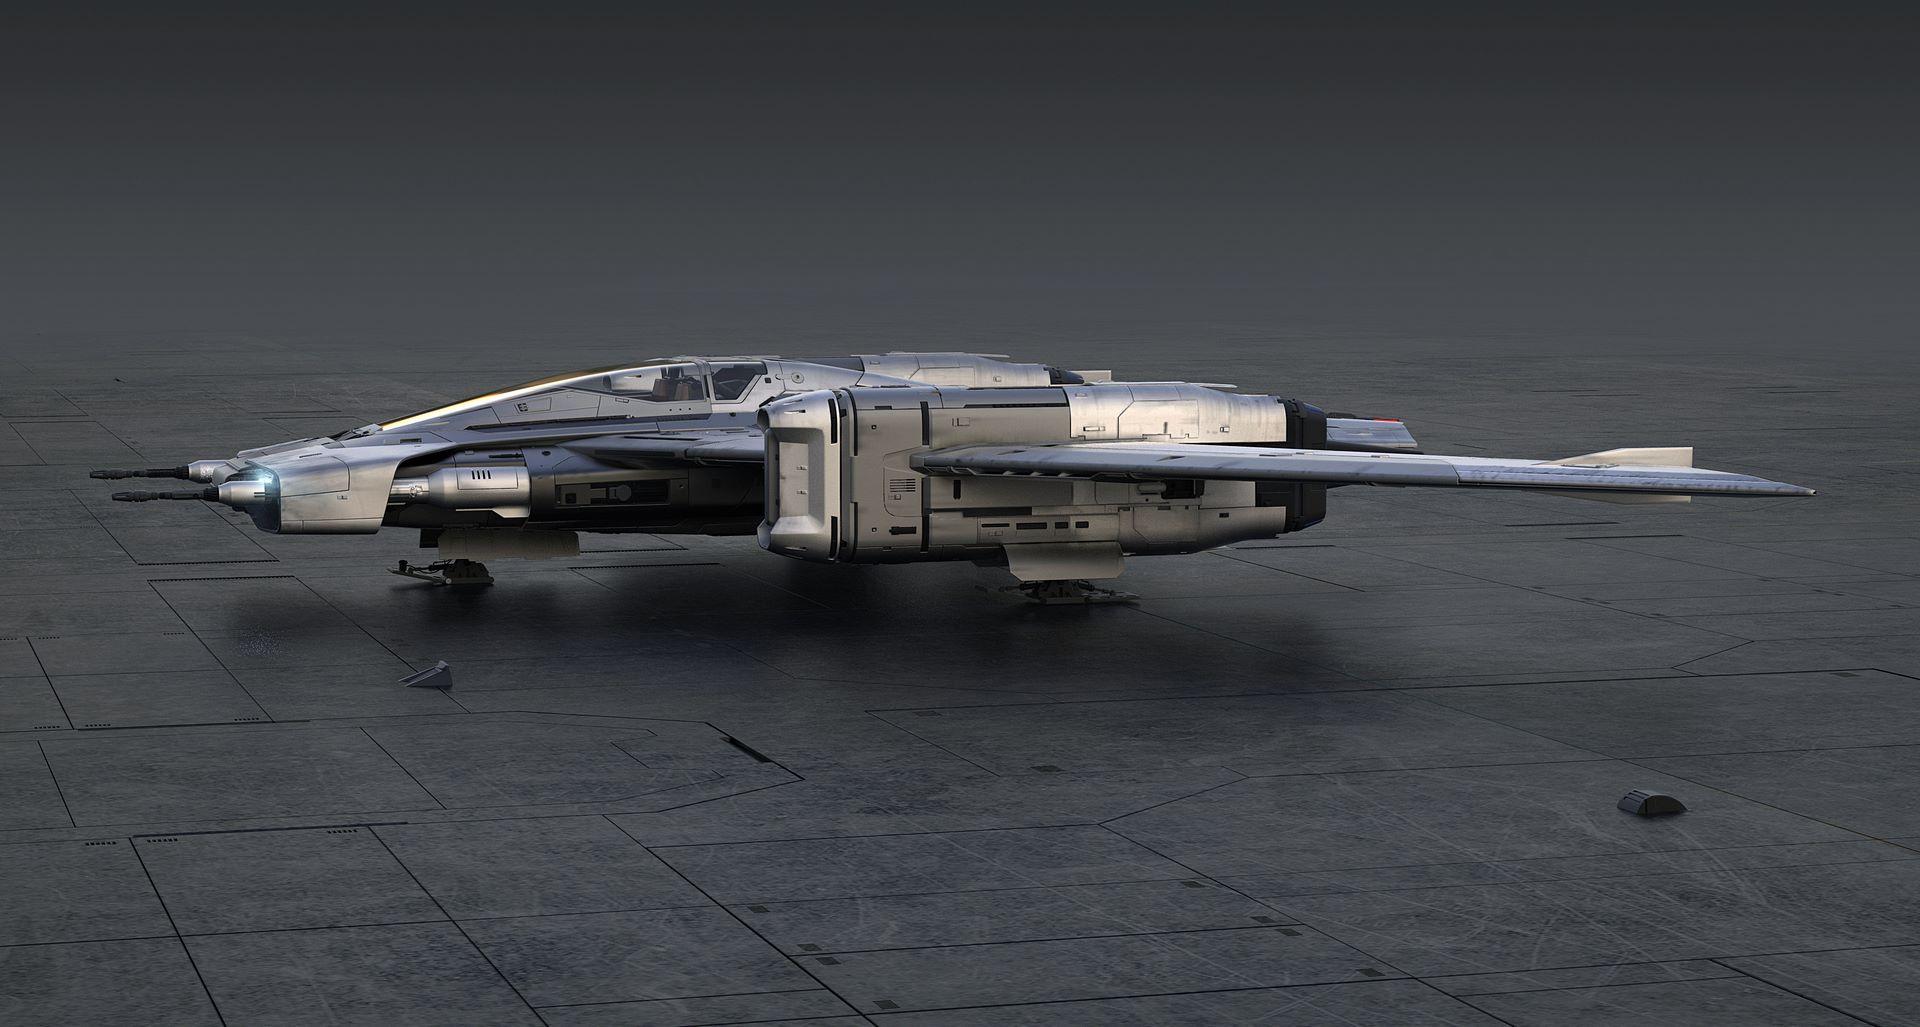 Porsche-Star-Wars-starfighter-space-ship-3